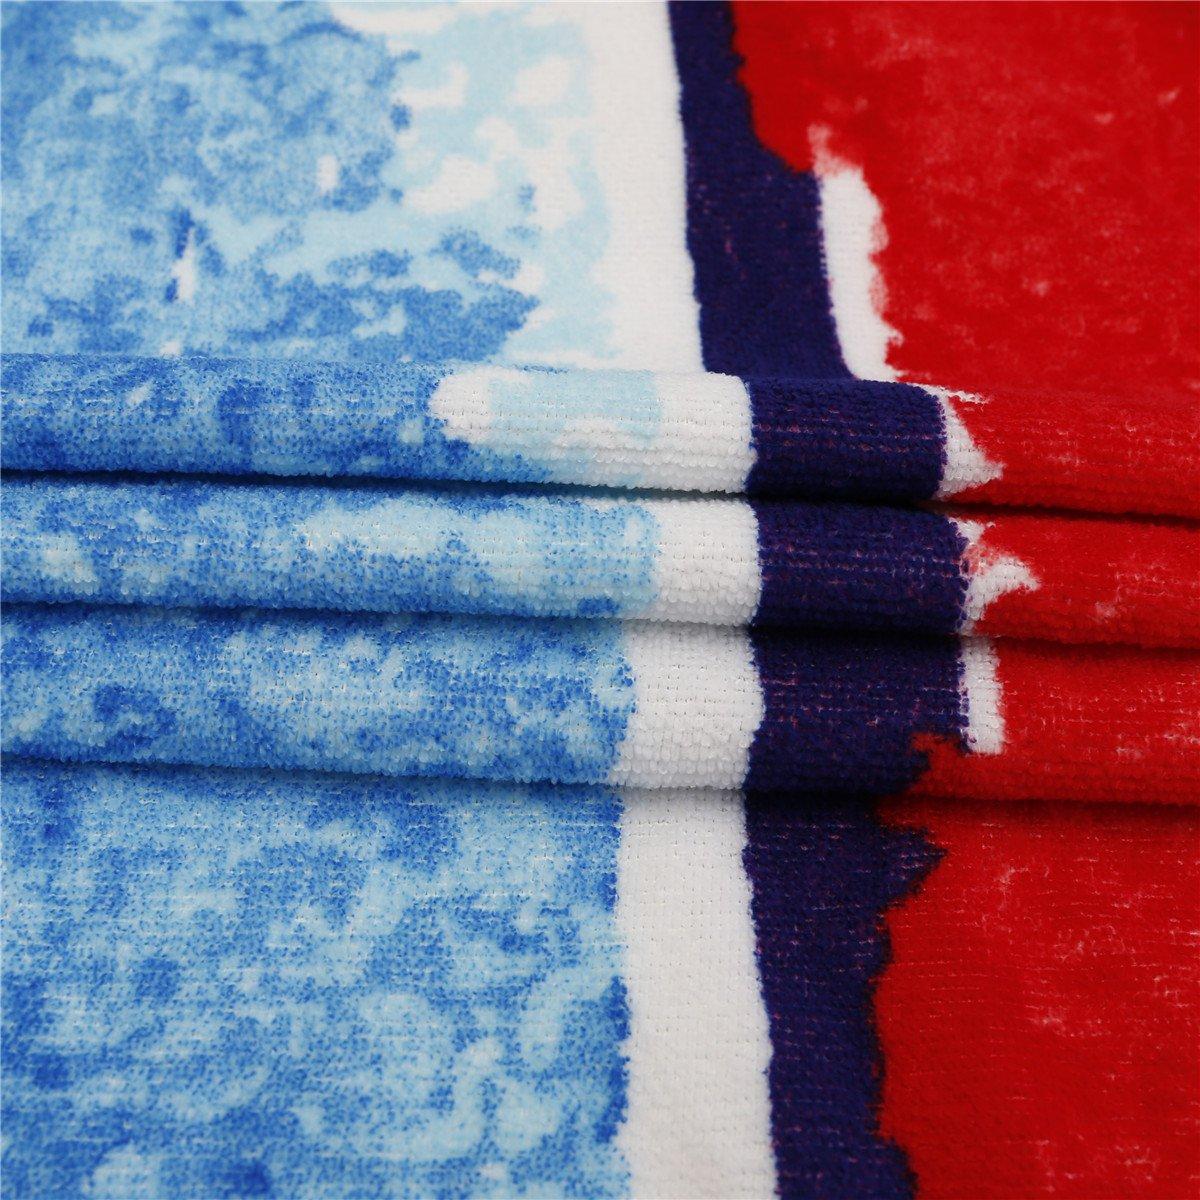 Tie Dye Large Circular Terry Roundie Circle Tassel Genovega Thick Round Beach Towel Blanket